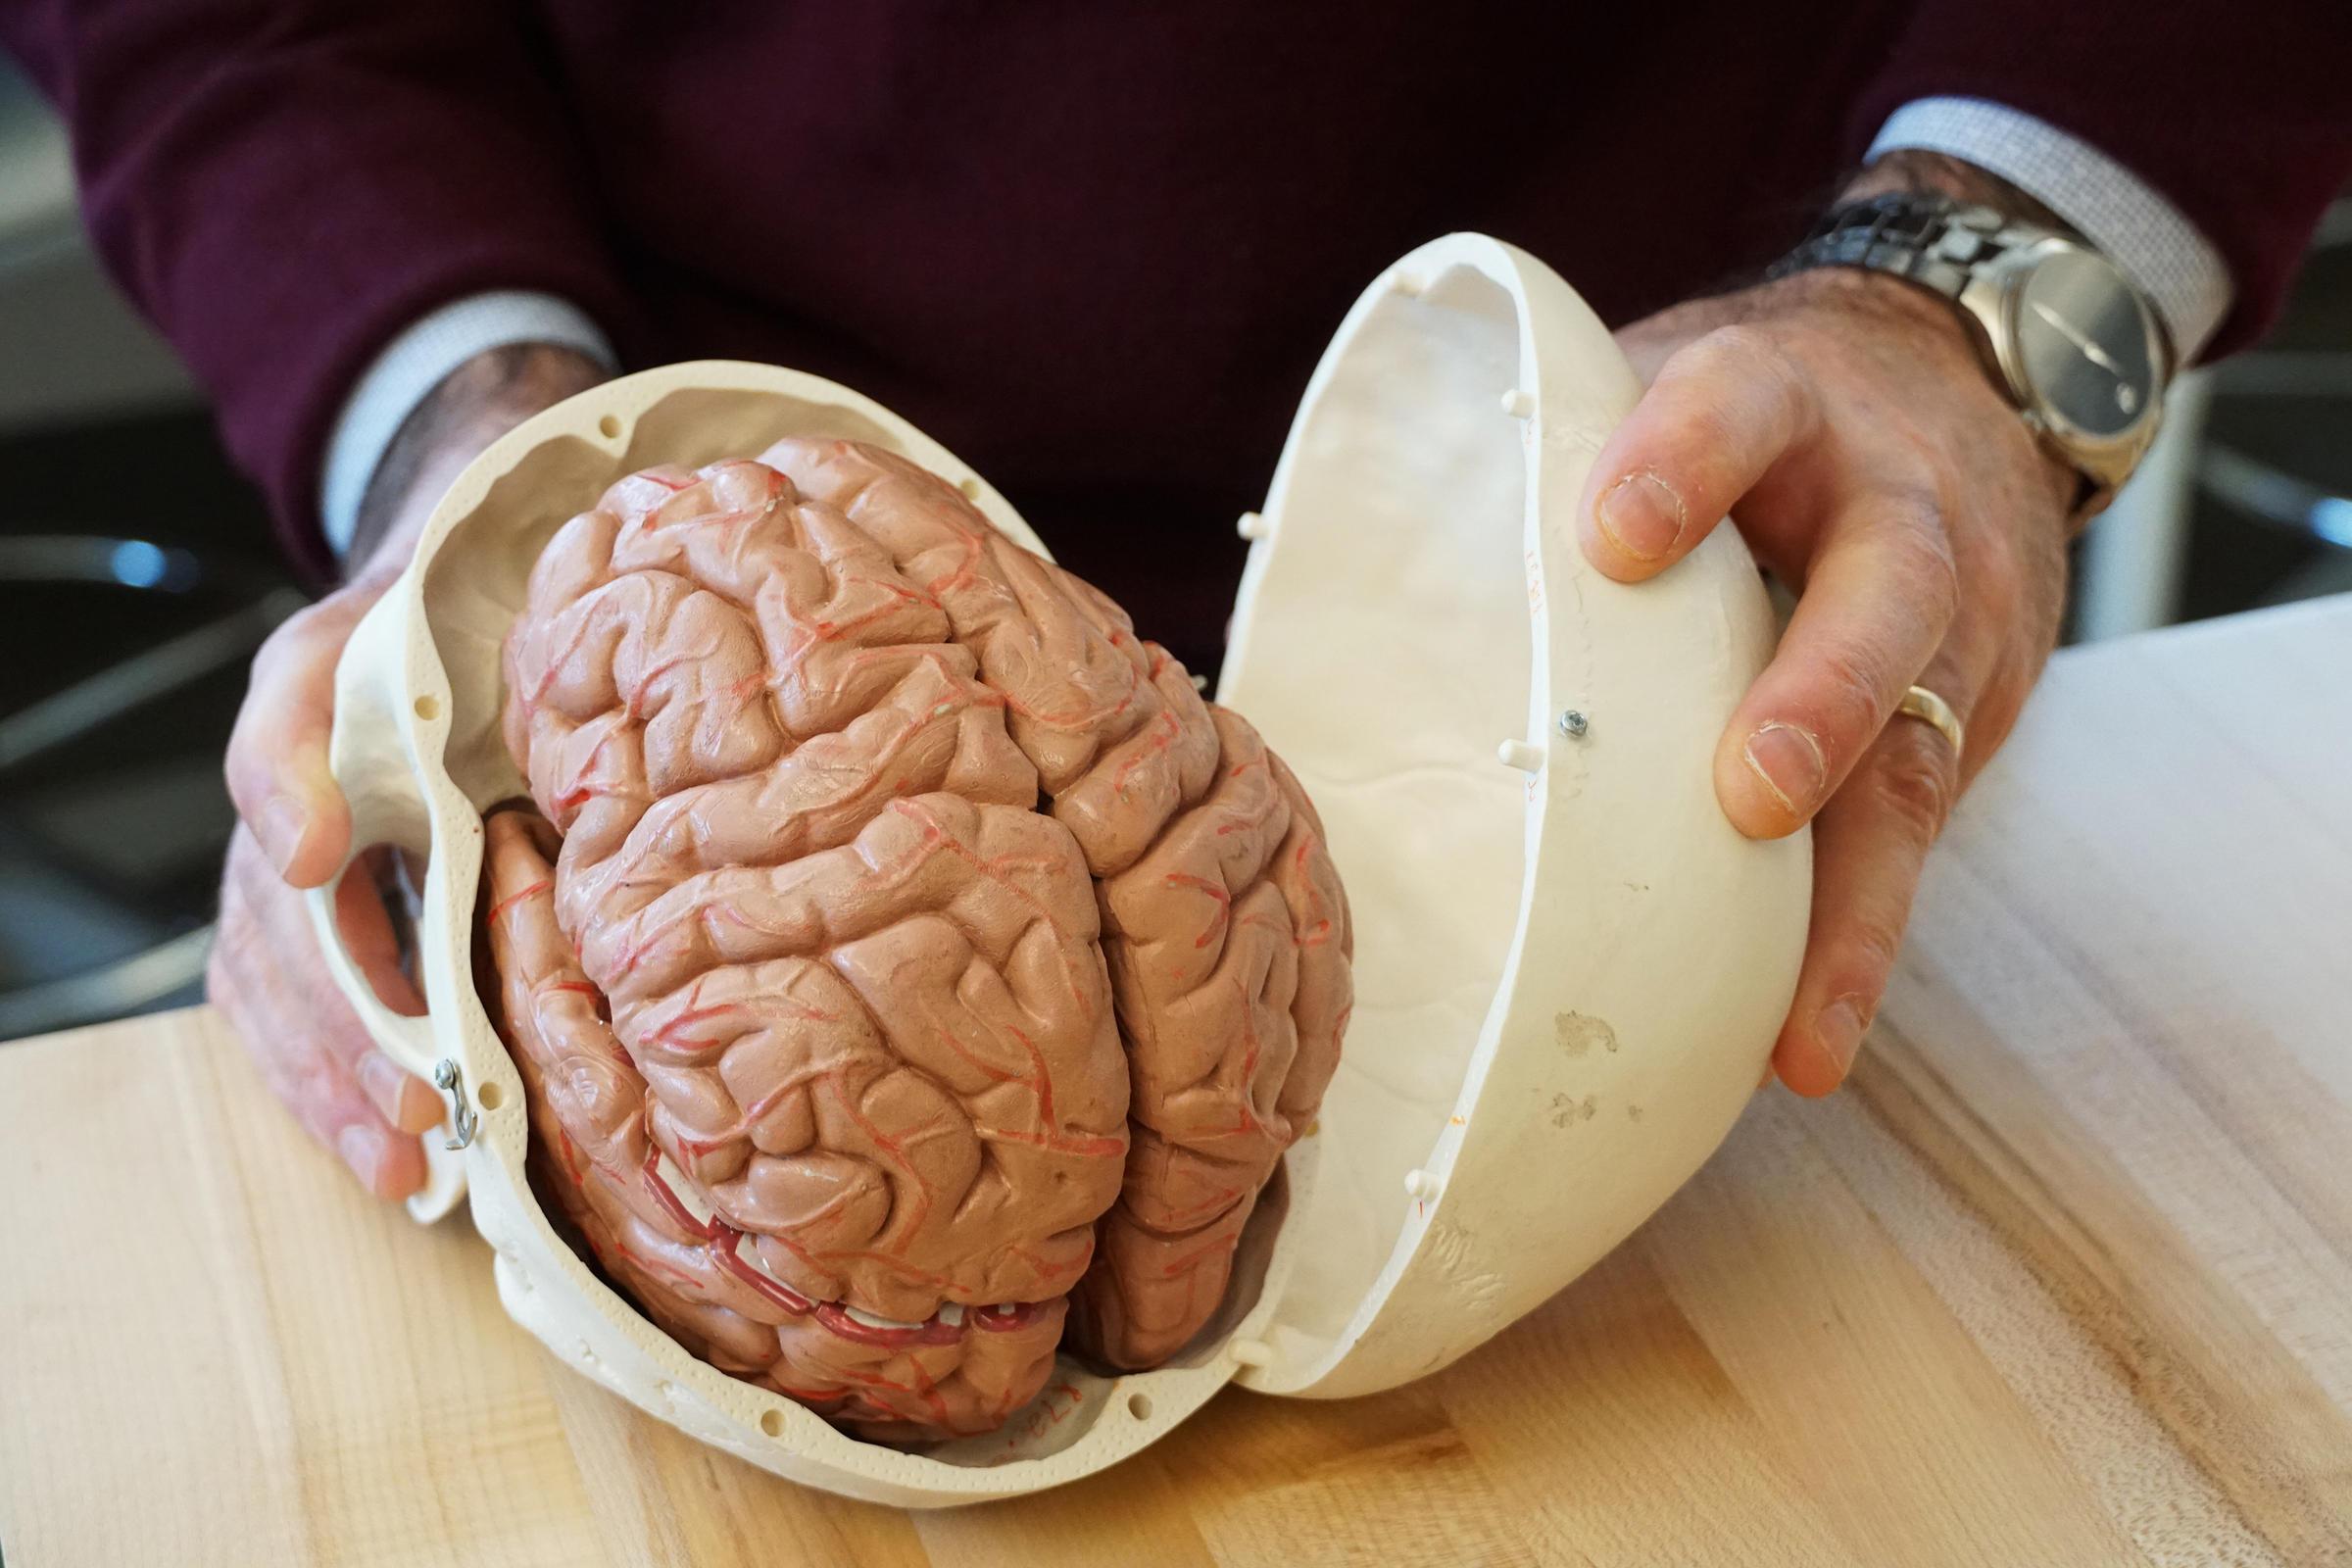 Διαλογισμός Κατάθλιψη Εγκέφαλος: Ο διαλογισμός αλλάζει περιοχές του εγκεφάλου που συνδέονται με την κατάθλιψη [vid]